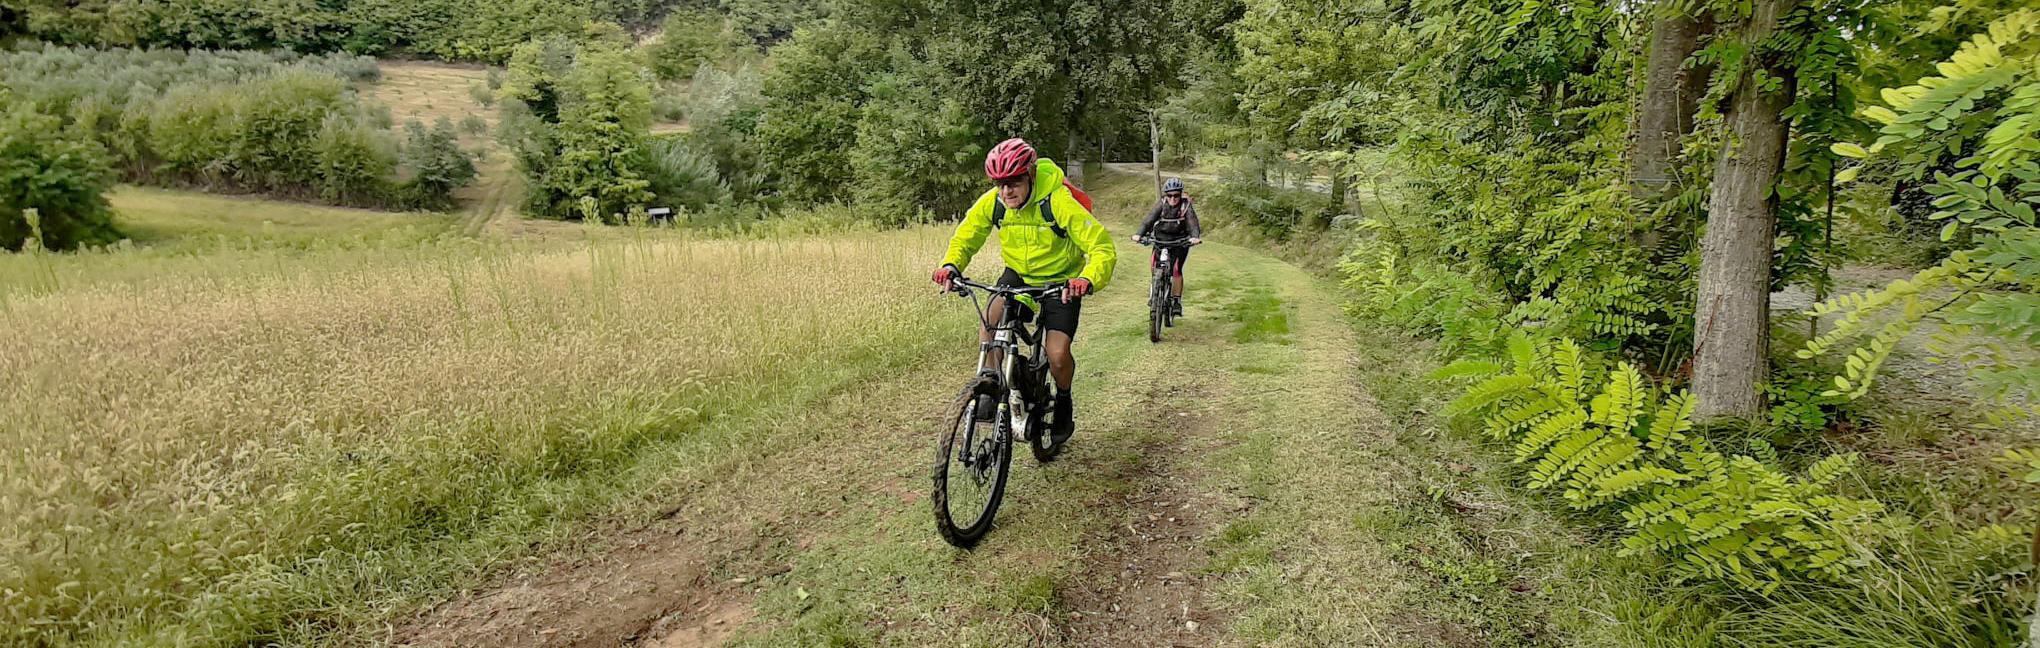 mobe tour da bologna a dozza escursione ebike bici elettrica 2